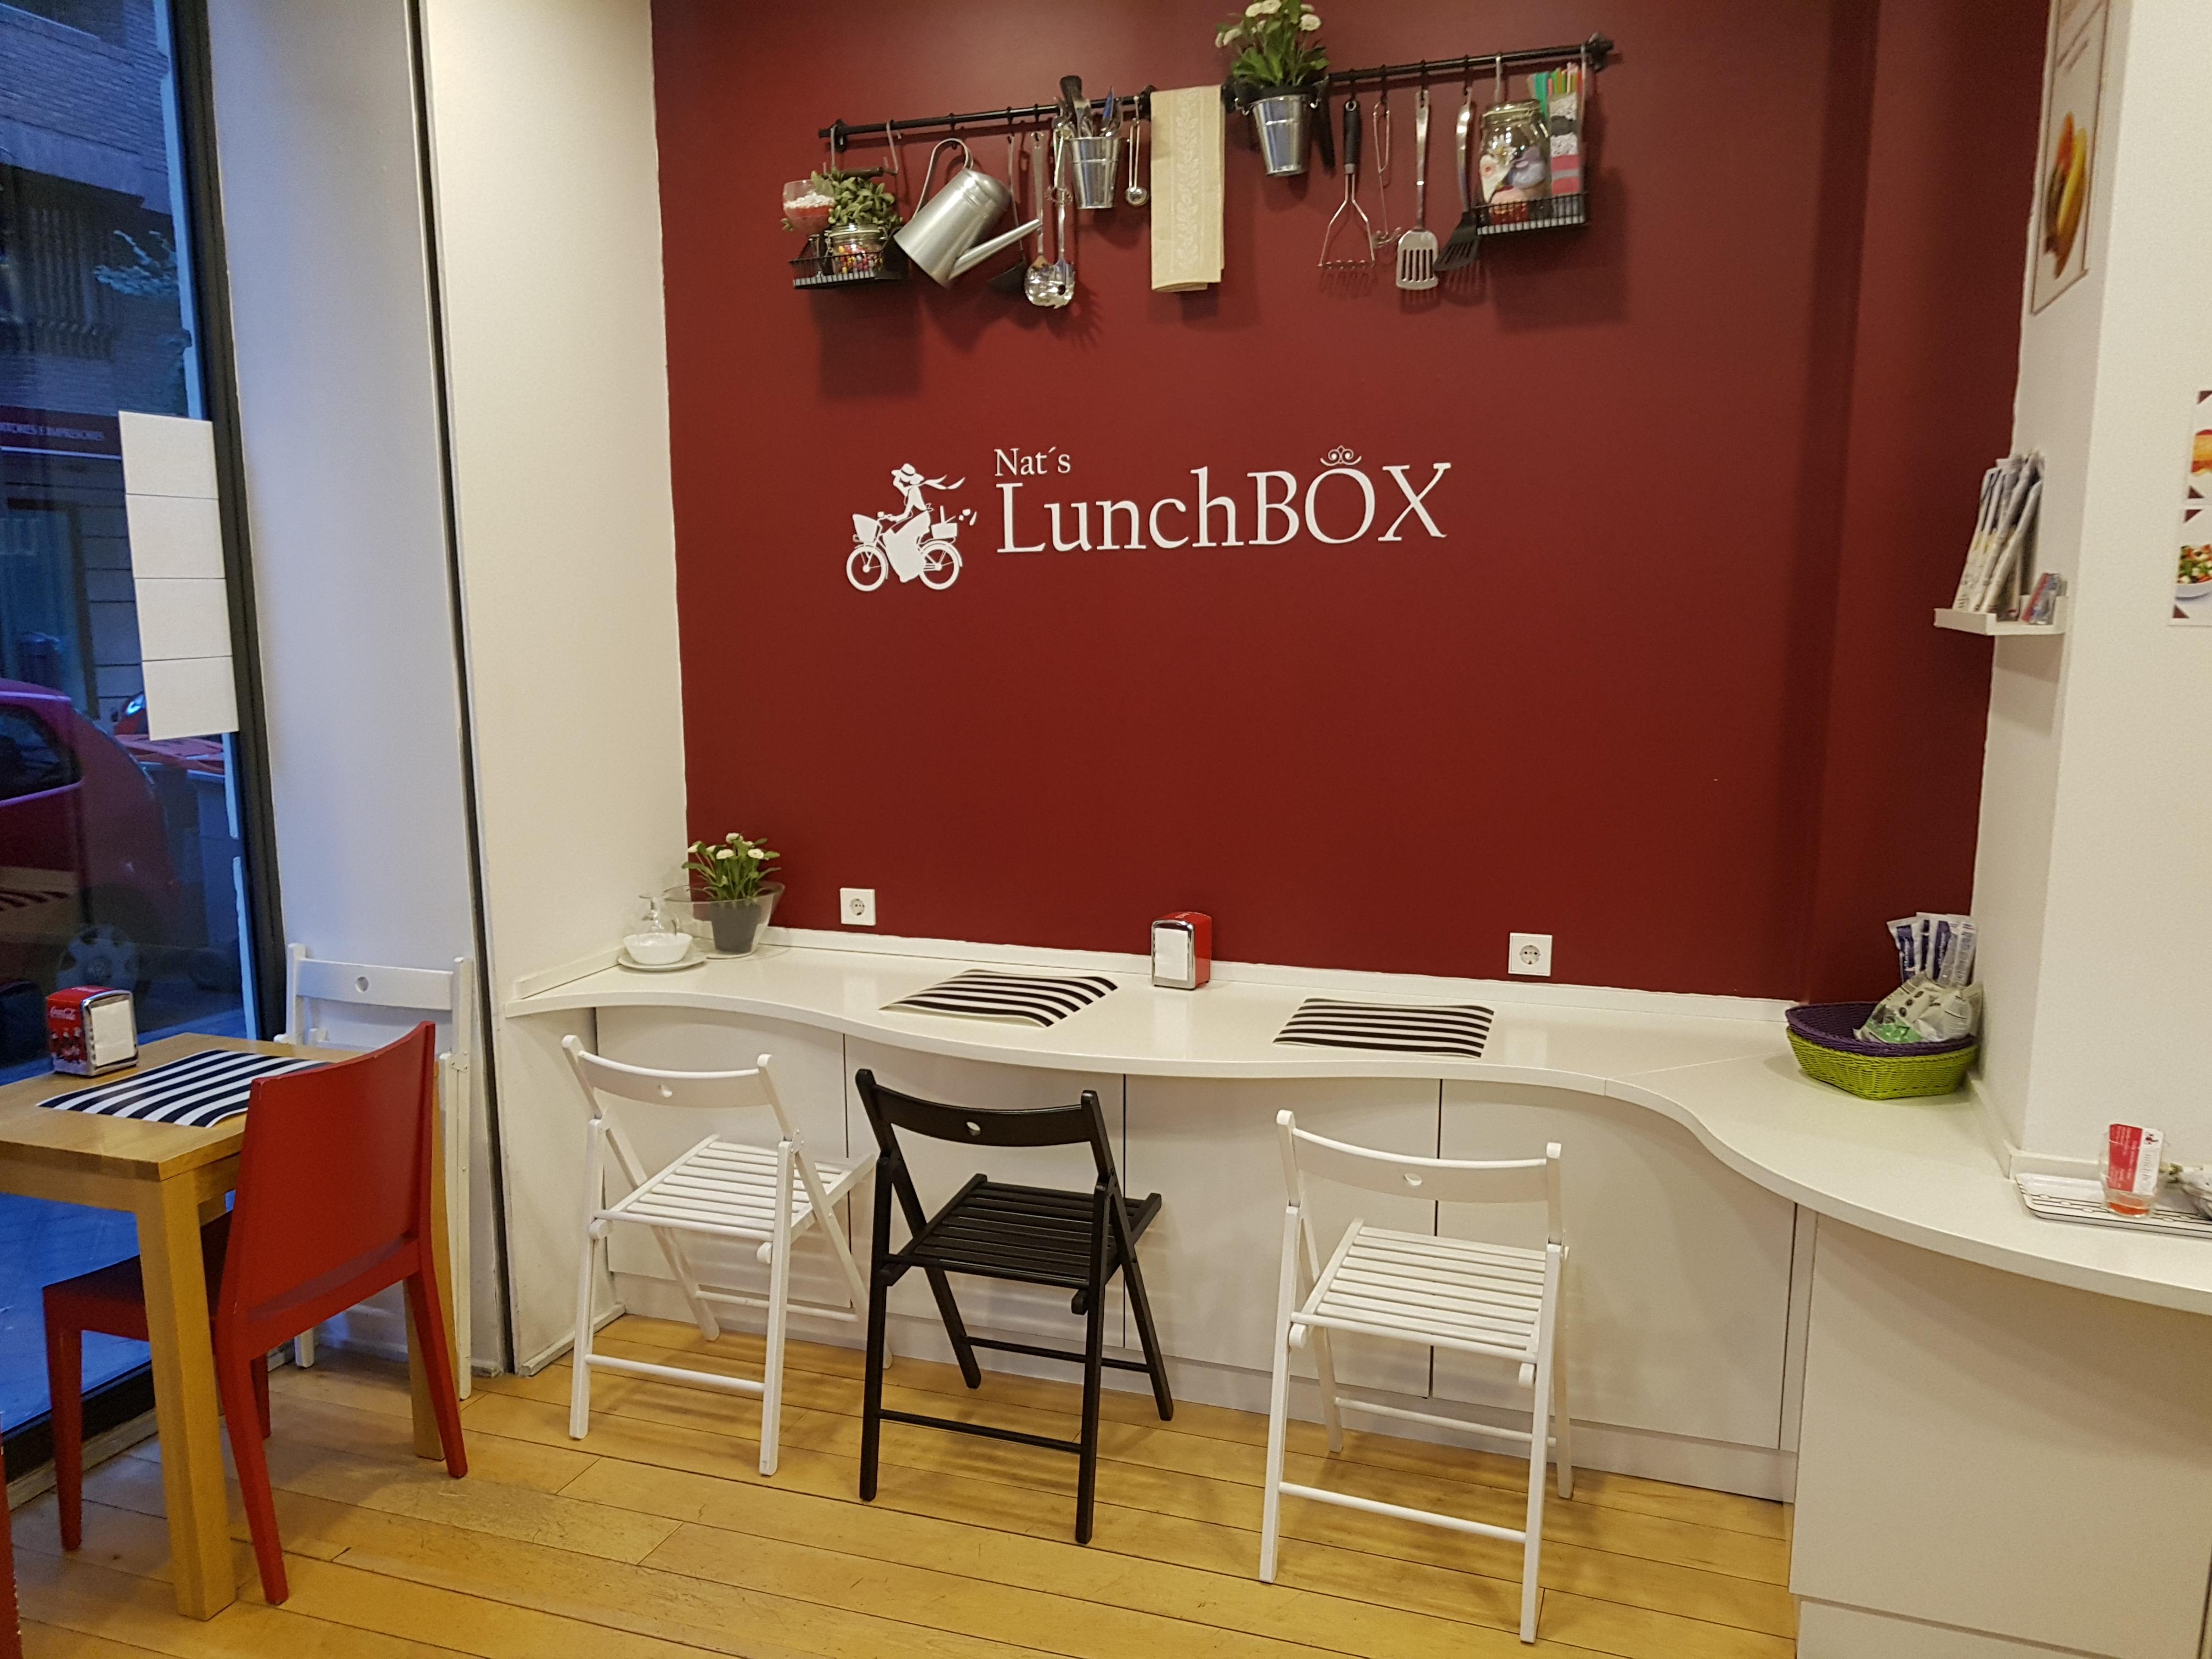 Nat's LuchBox